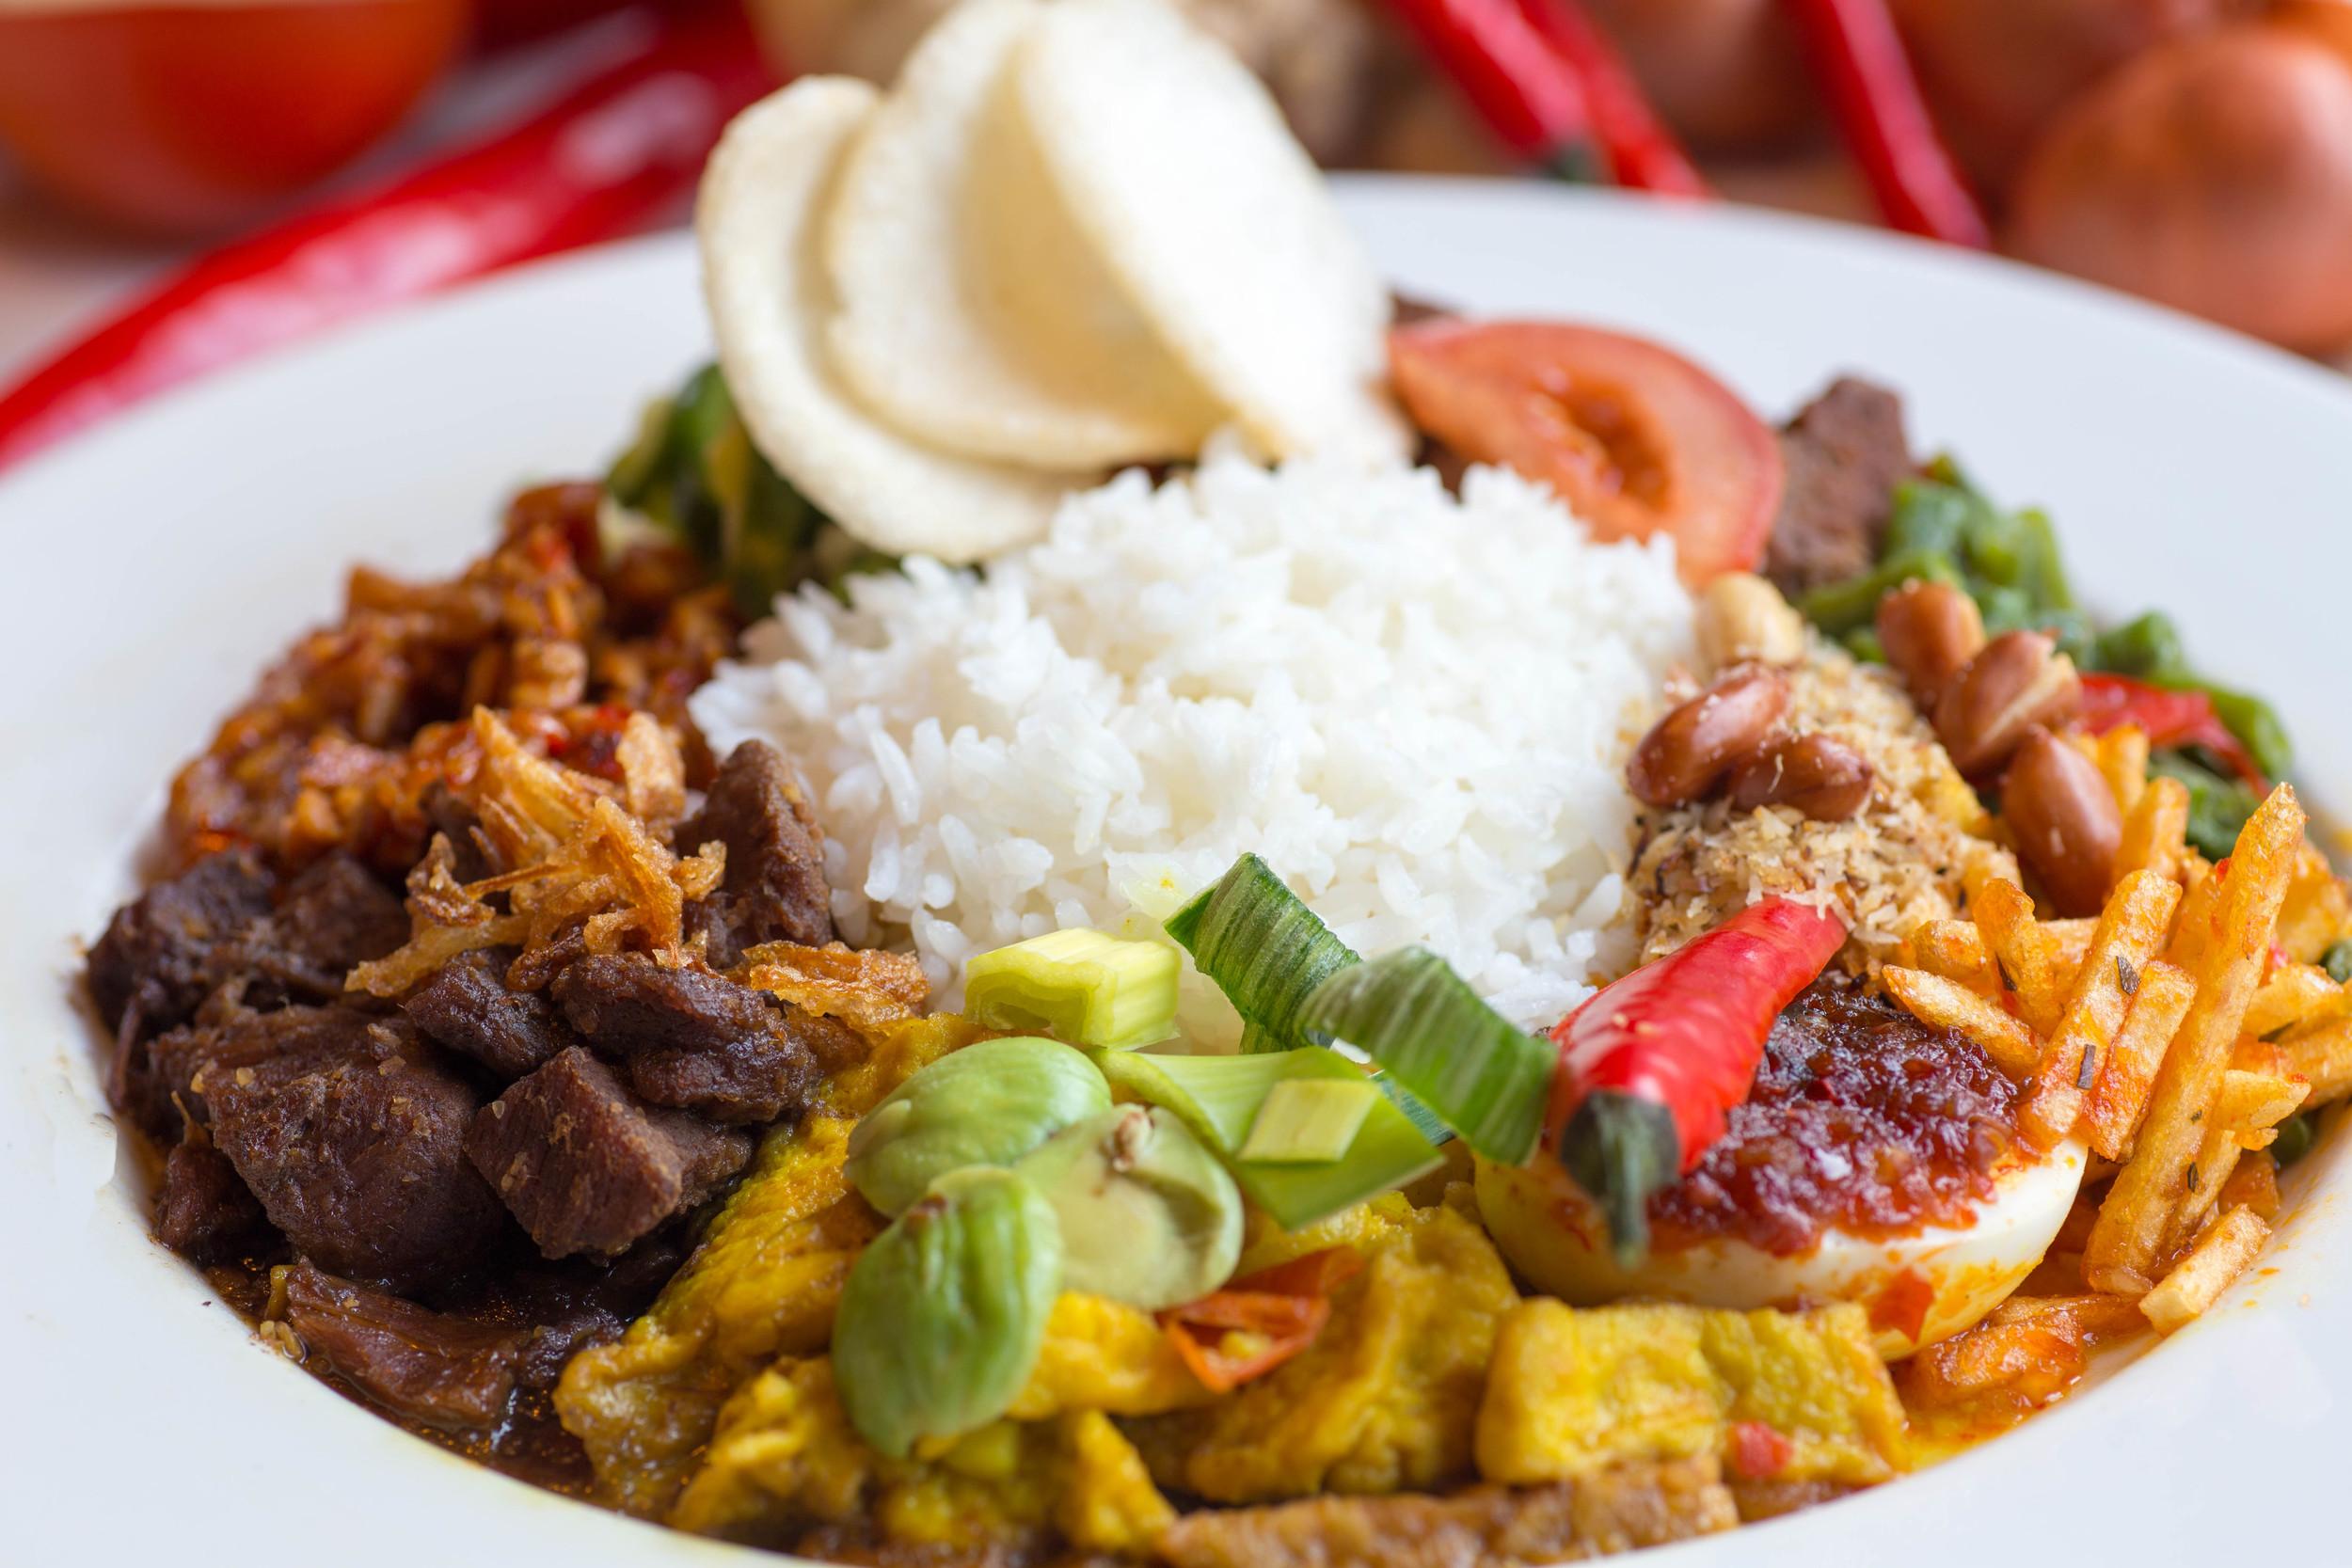 Toko Frederik Indonesische catering-9.jpg